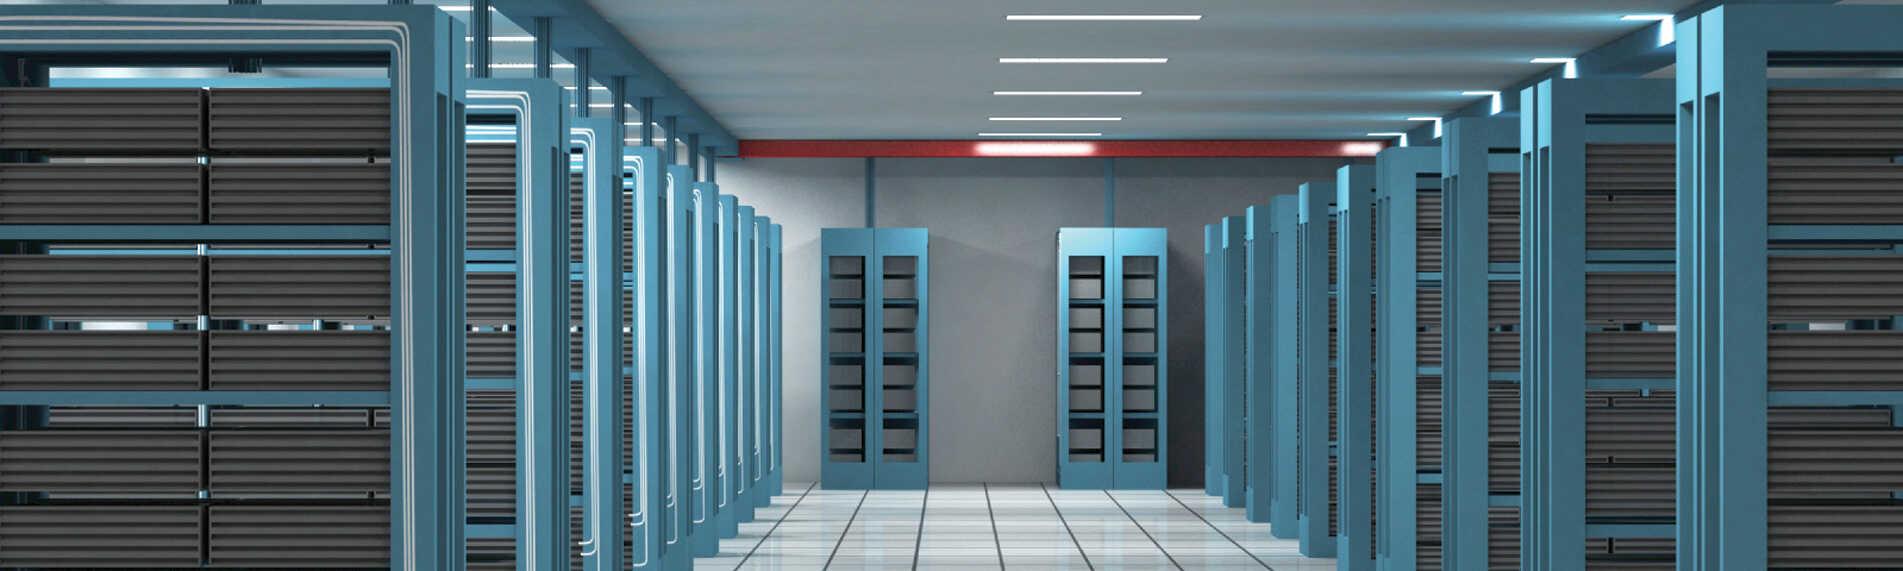 Luftbefugtning sikrer datacentre mod statisk elektricitet